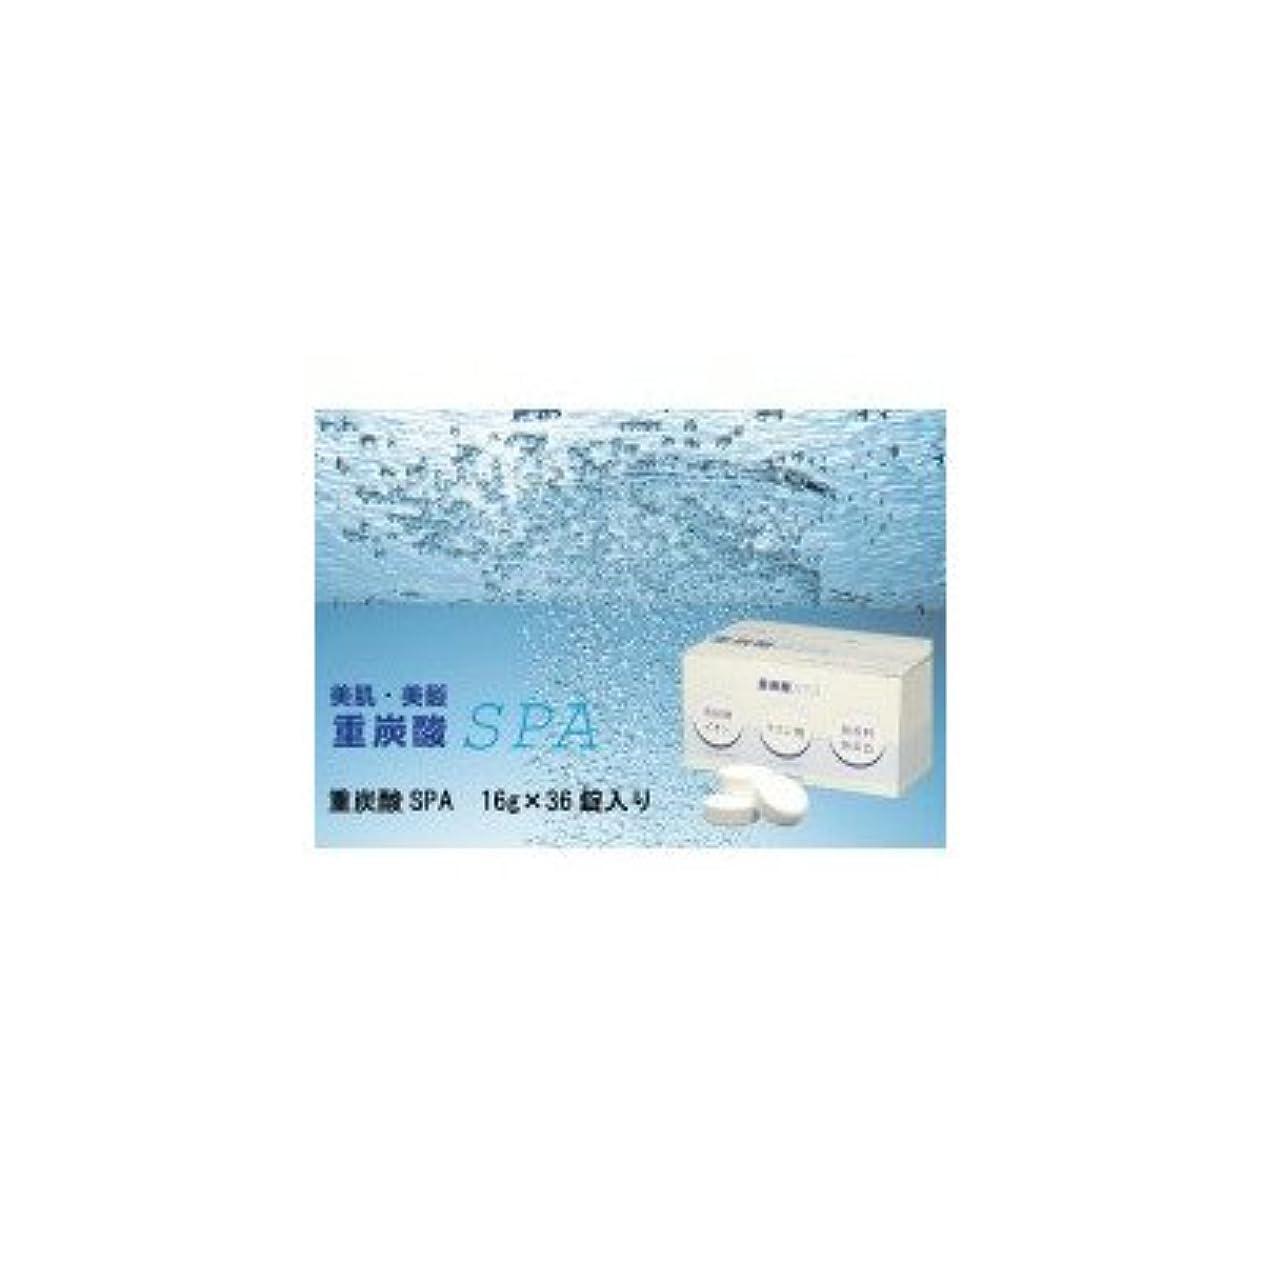 国際代表する架空の重炭酸SPA 16g×36錠入り